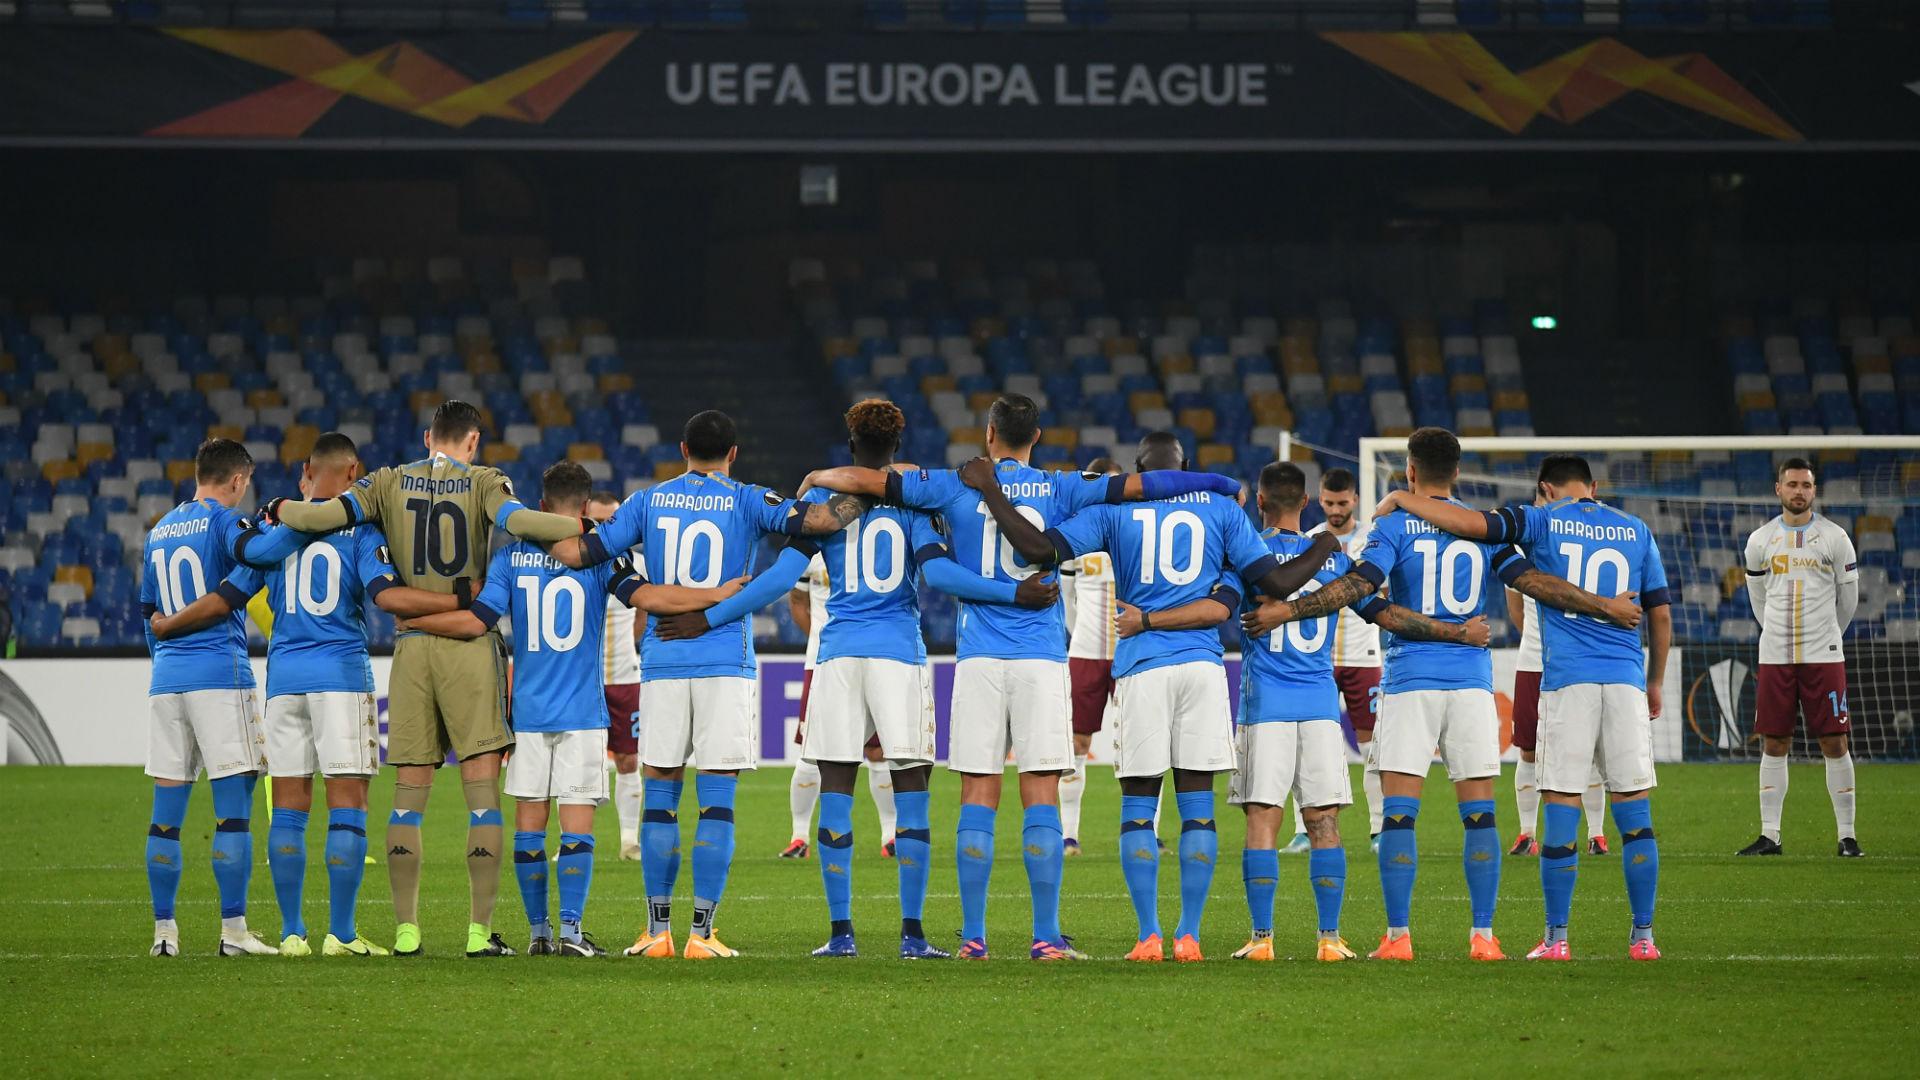 Los jugadores del Napoli saltaron al campo con la camiseta de Maradona |  Goal.com